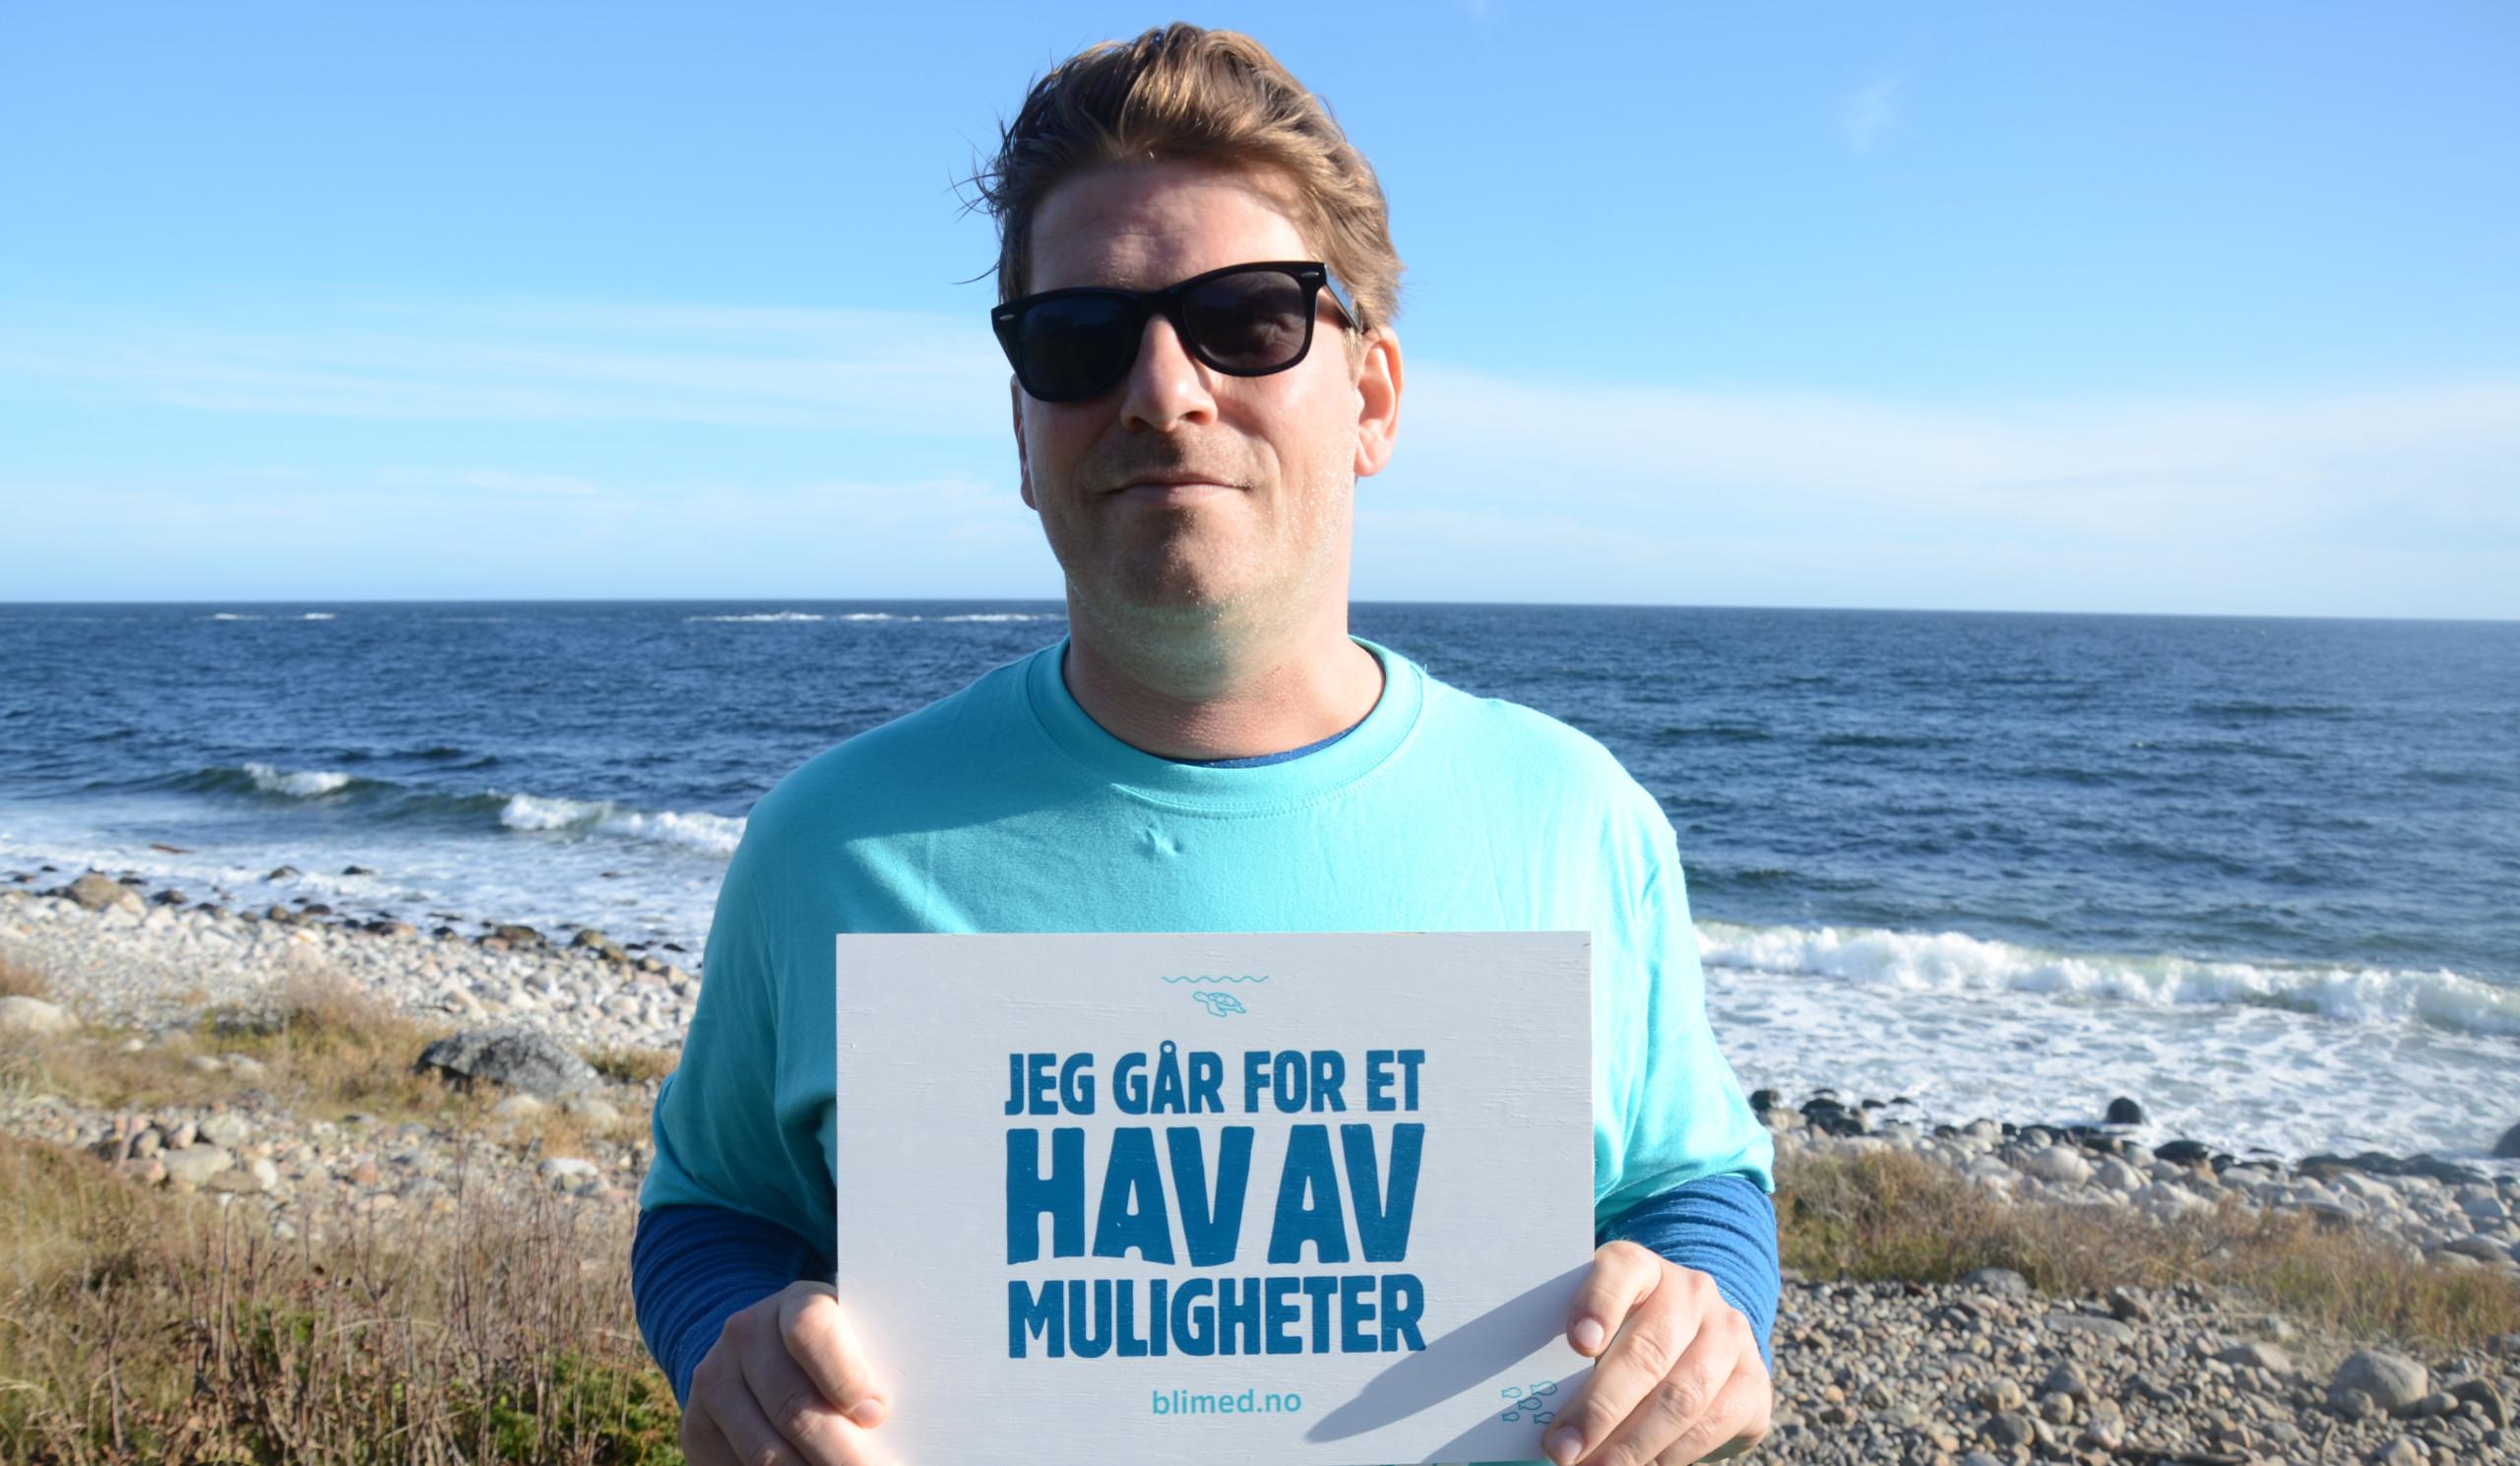 FADNES går for et hav av muligheter og støtter årets TV-aksjon i kampen mot plast i havet.